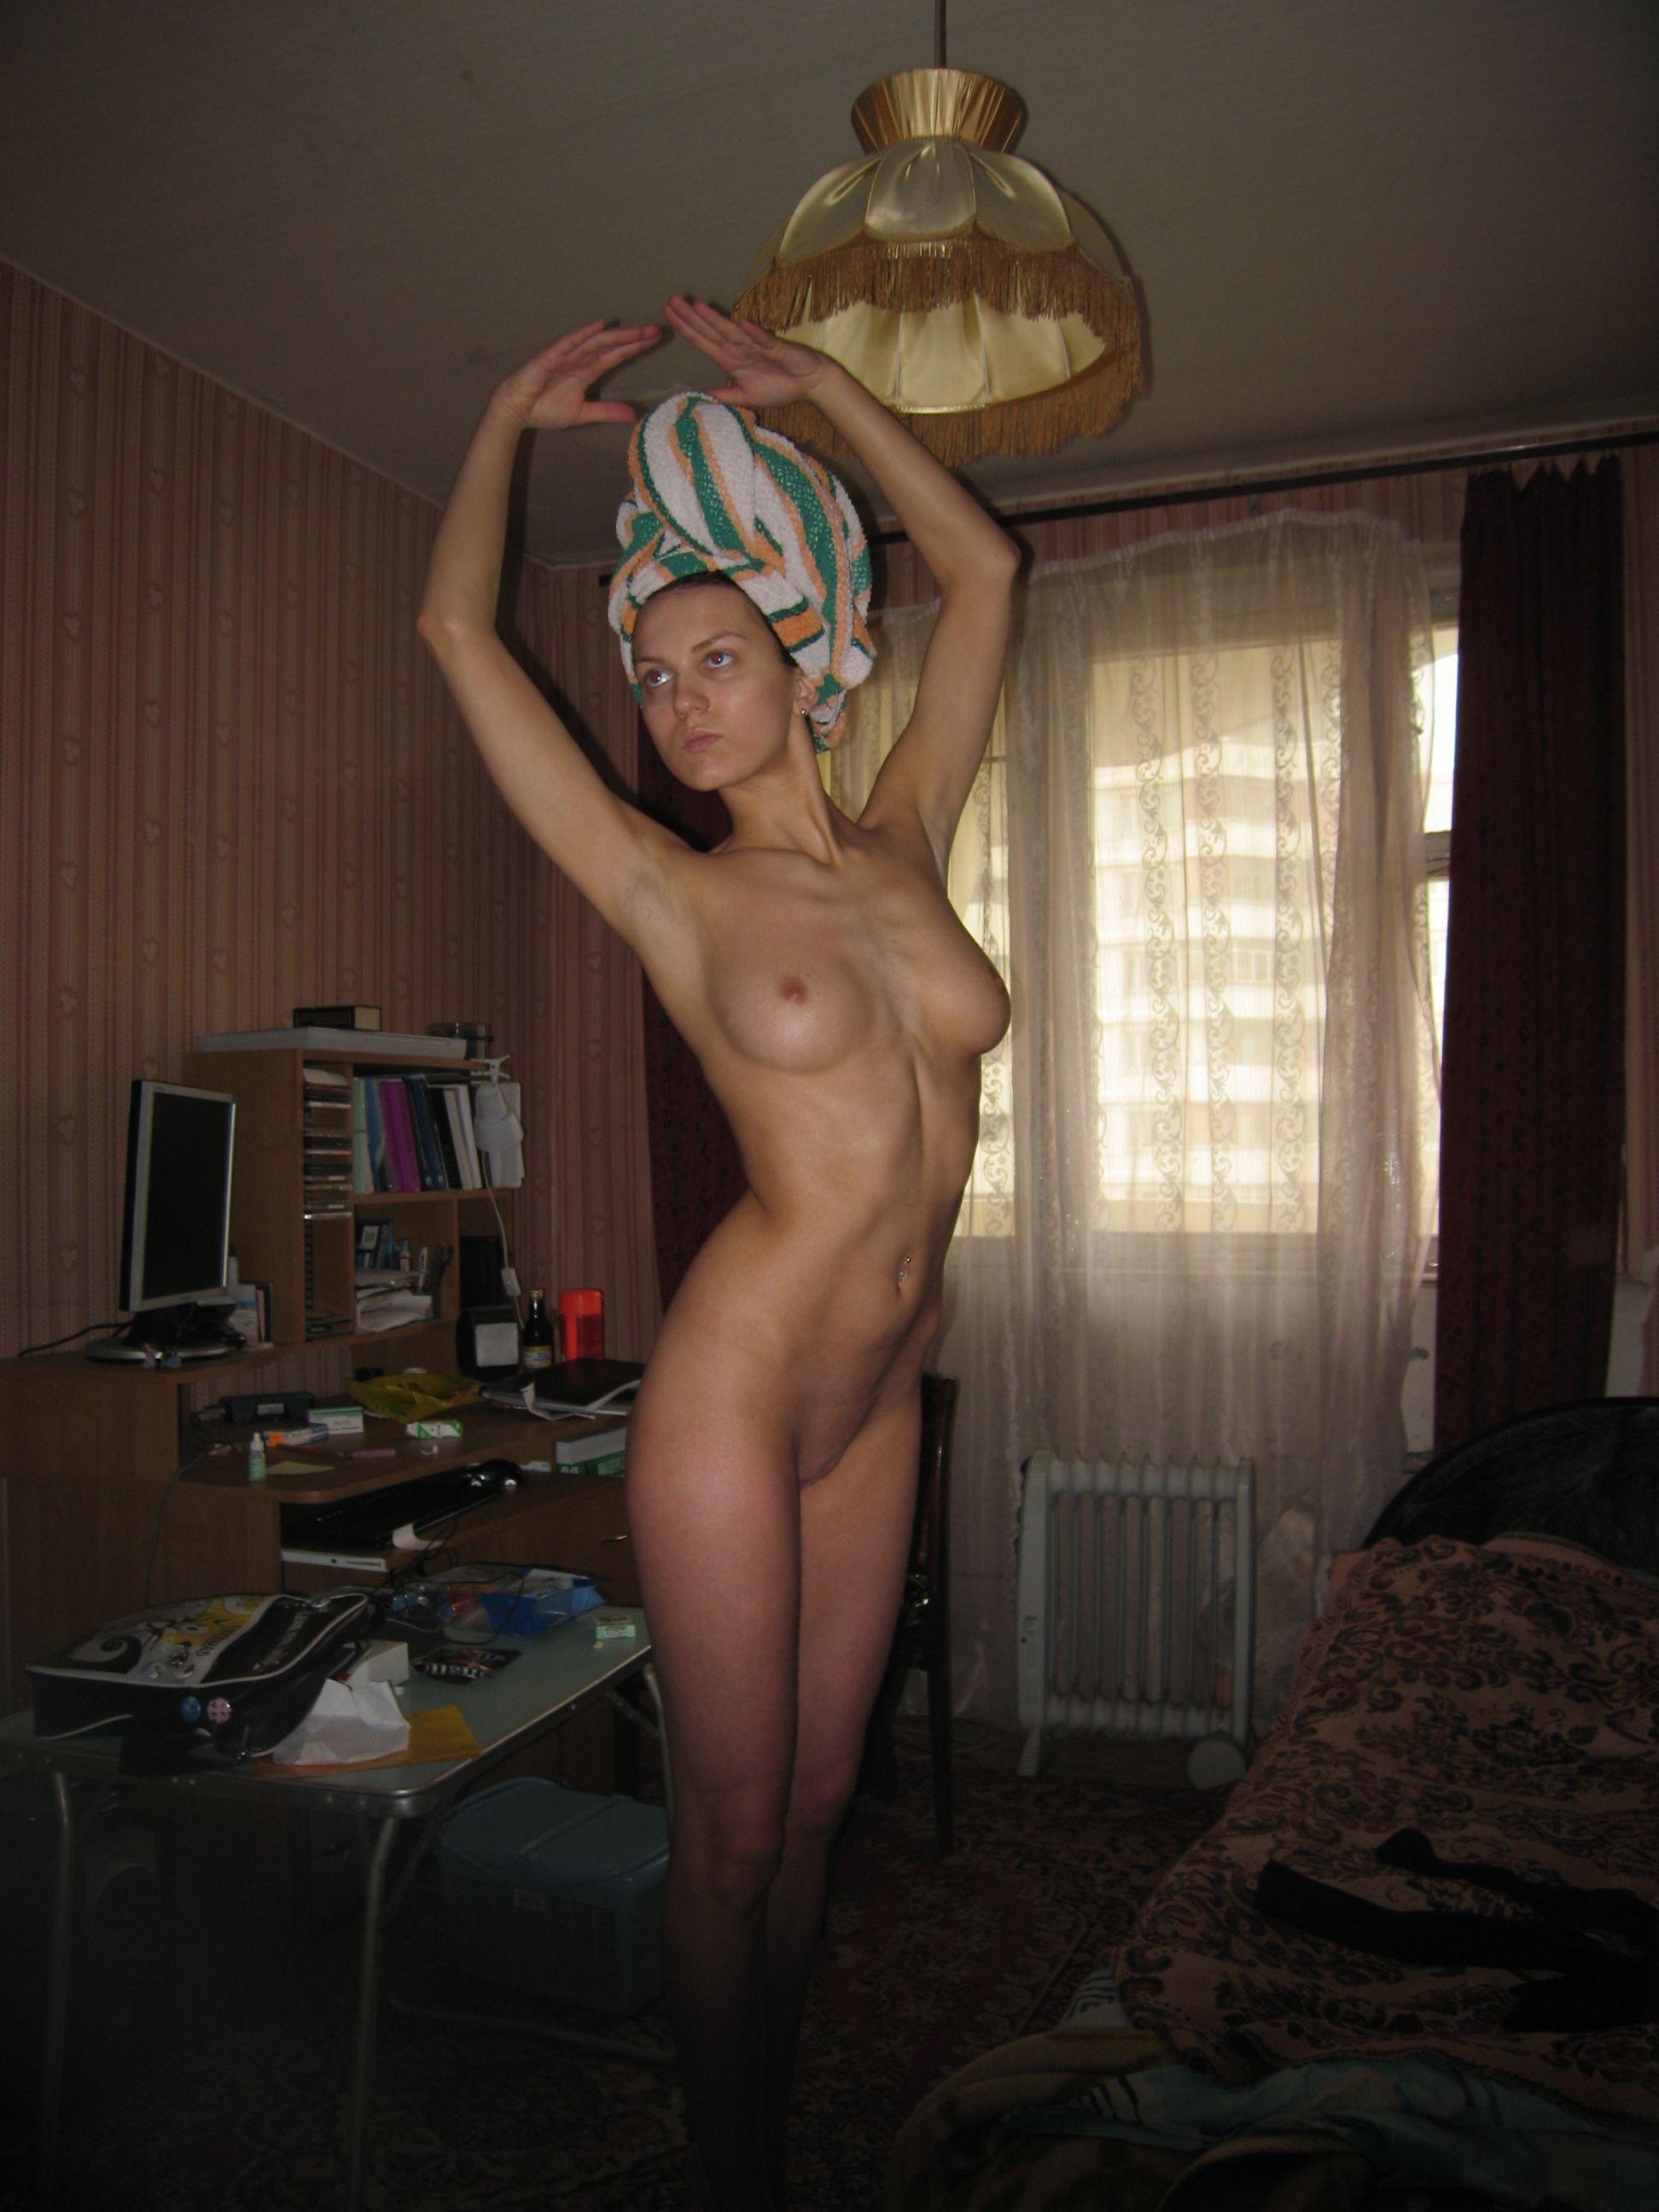 Частное фото девушек в полотенцах 12 фотография